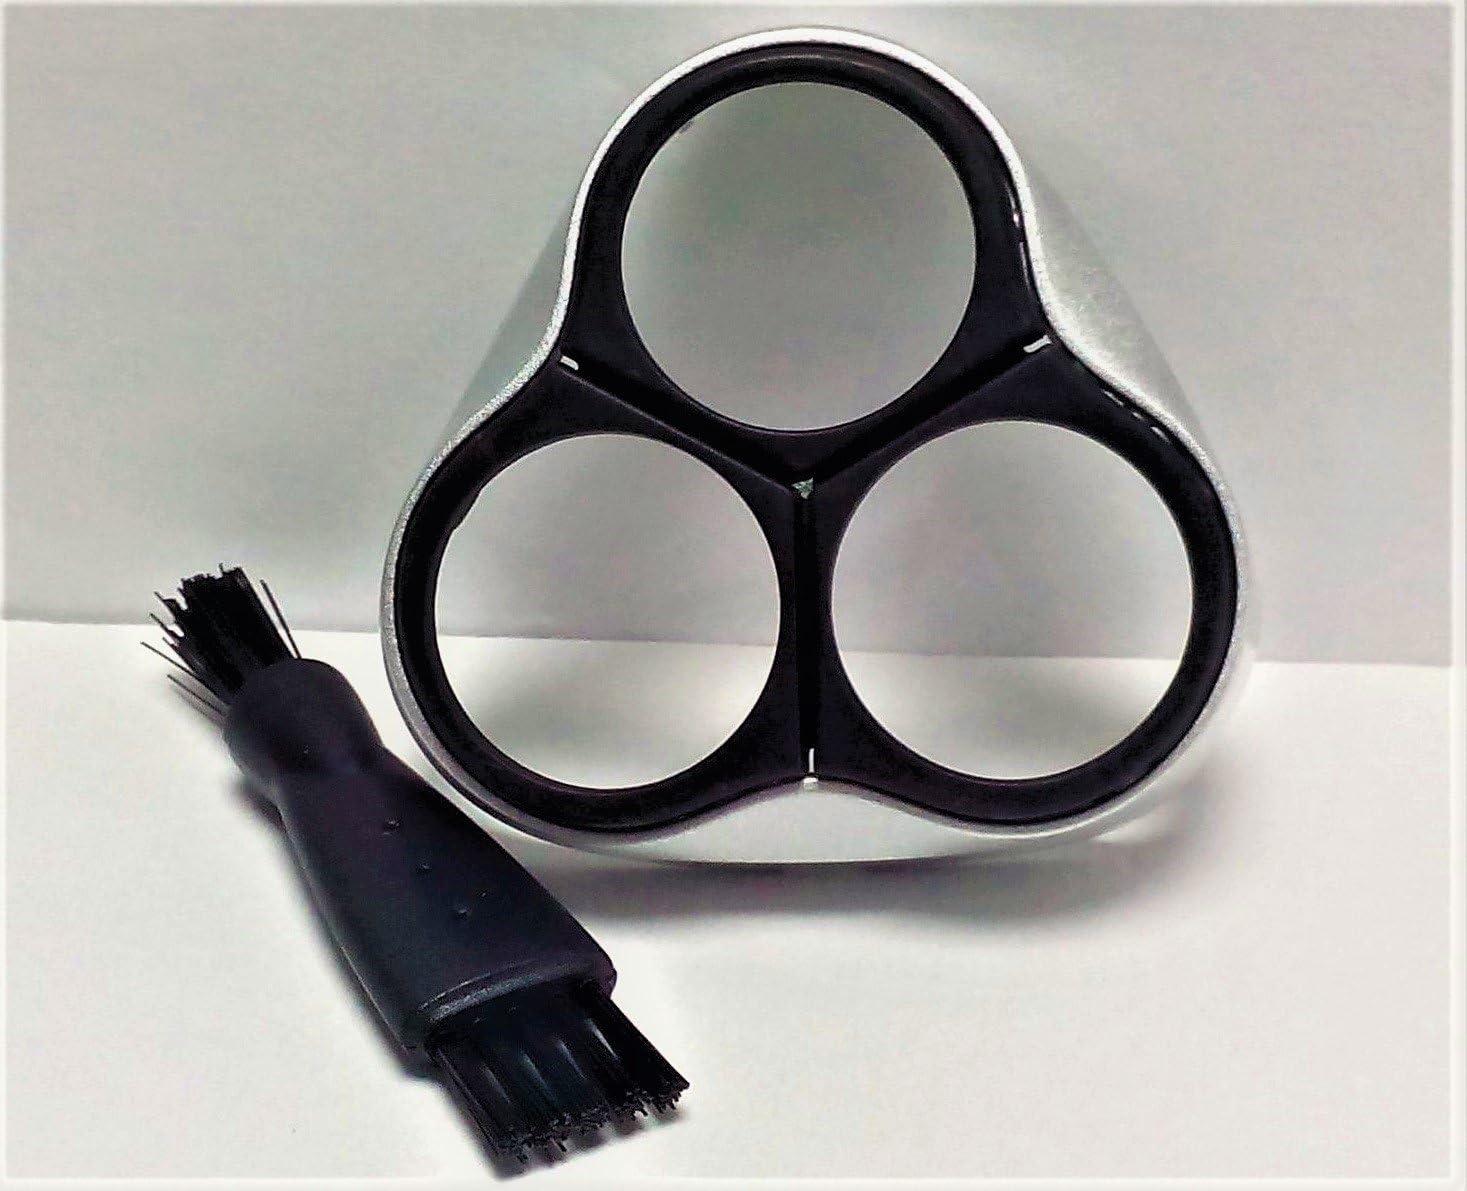 Cabezal de Maquinilla de Afeitar plana Shaver para Philips Norelco ...